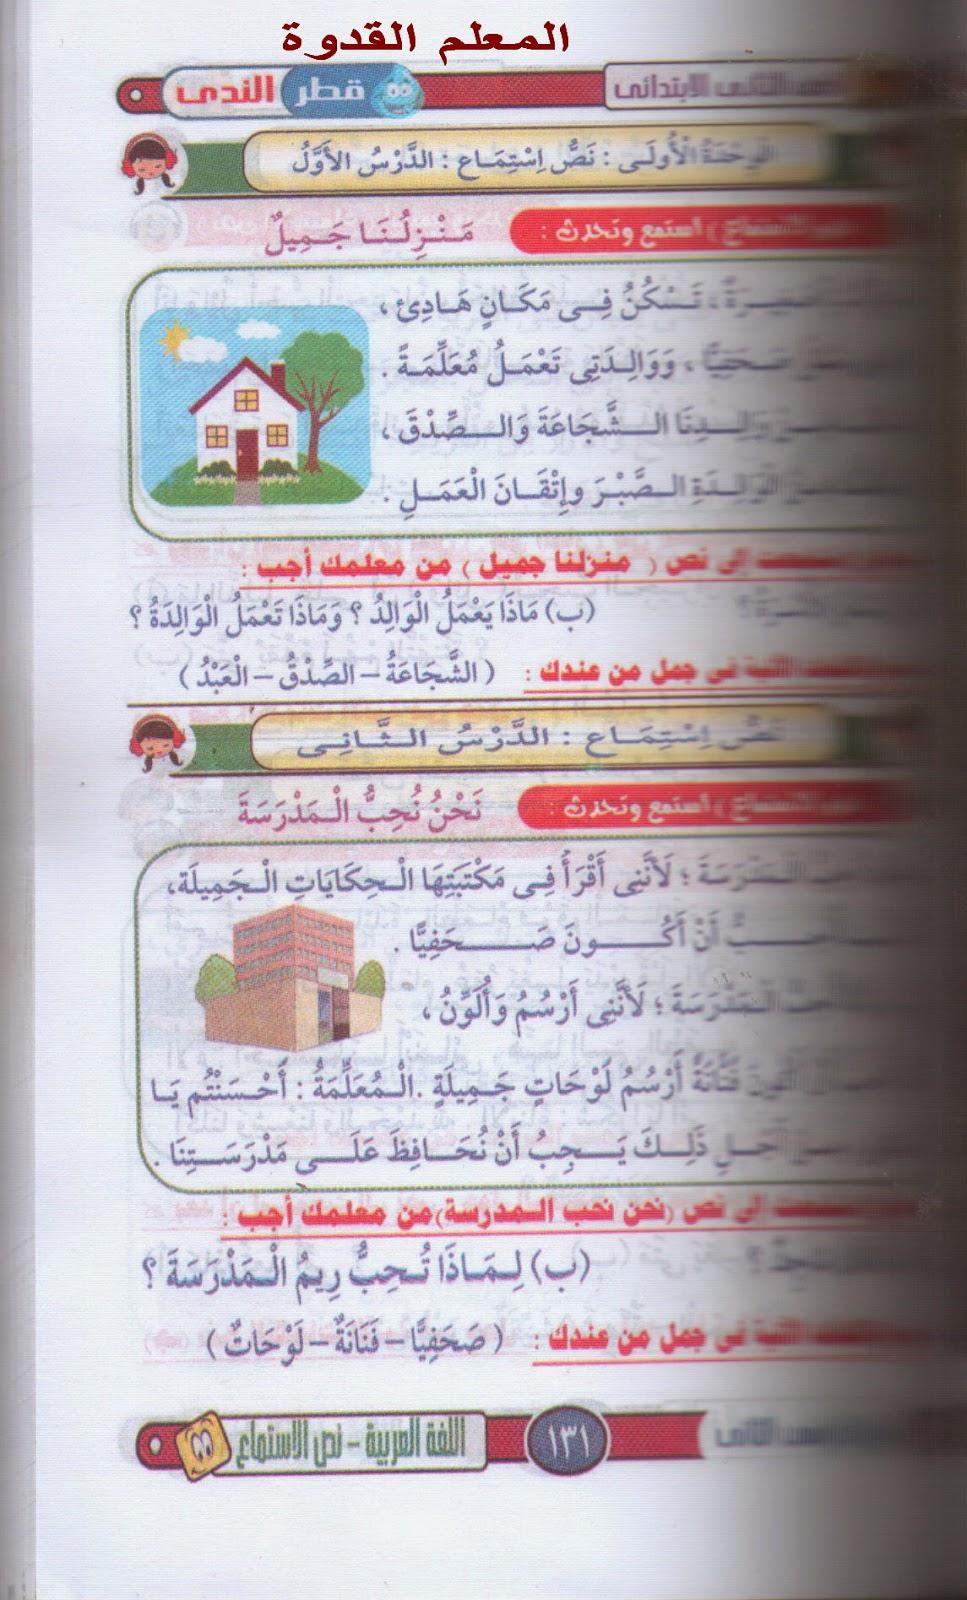 دروس اللغة العربية الكاملة الغير منهجية للصف الثانى الإبتدائى ترم ثانى 2015 1.jpg